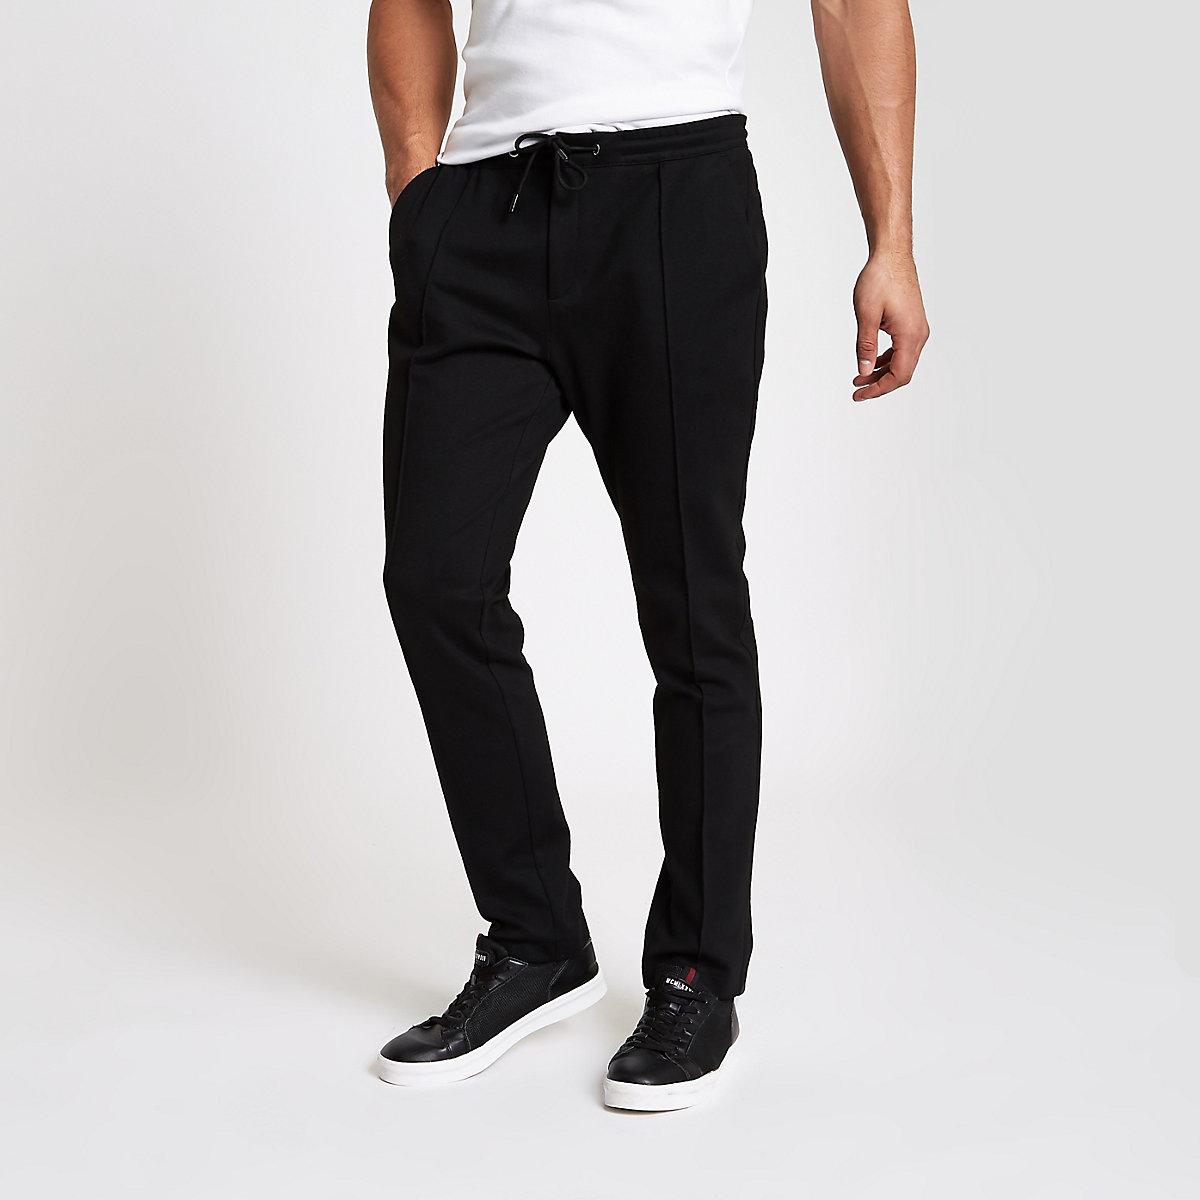 Pantalon de jogging skinny noir